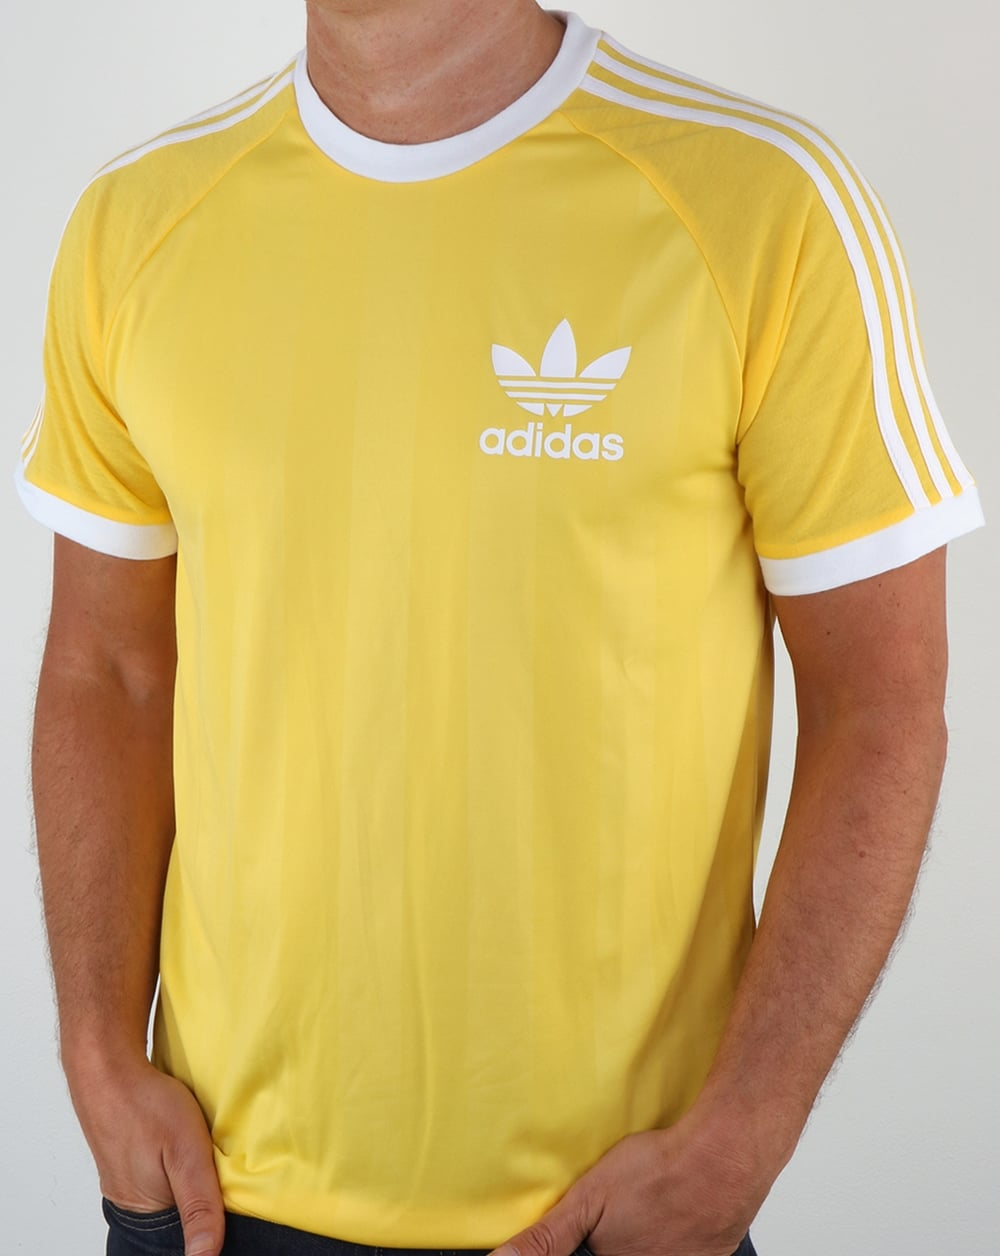 Jugar juegos de computadora Cuaderno Árbol genealógico  Adidas Originals Old Skool T Shirt Spring Yellow,football,California,mens